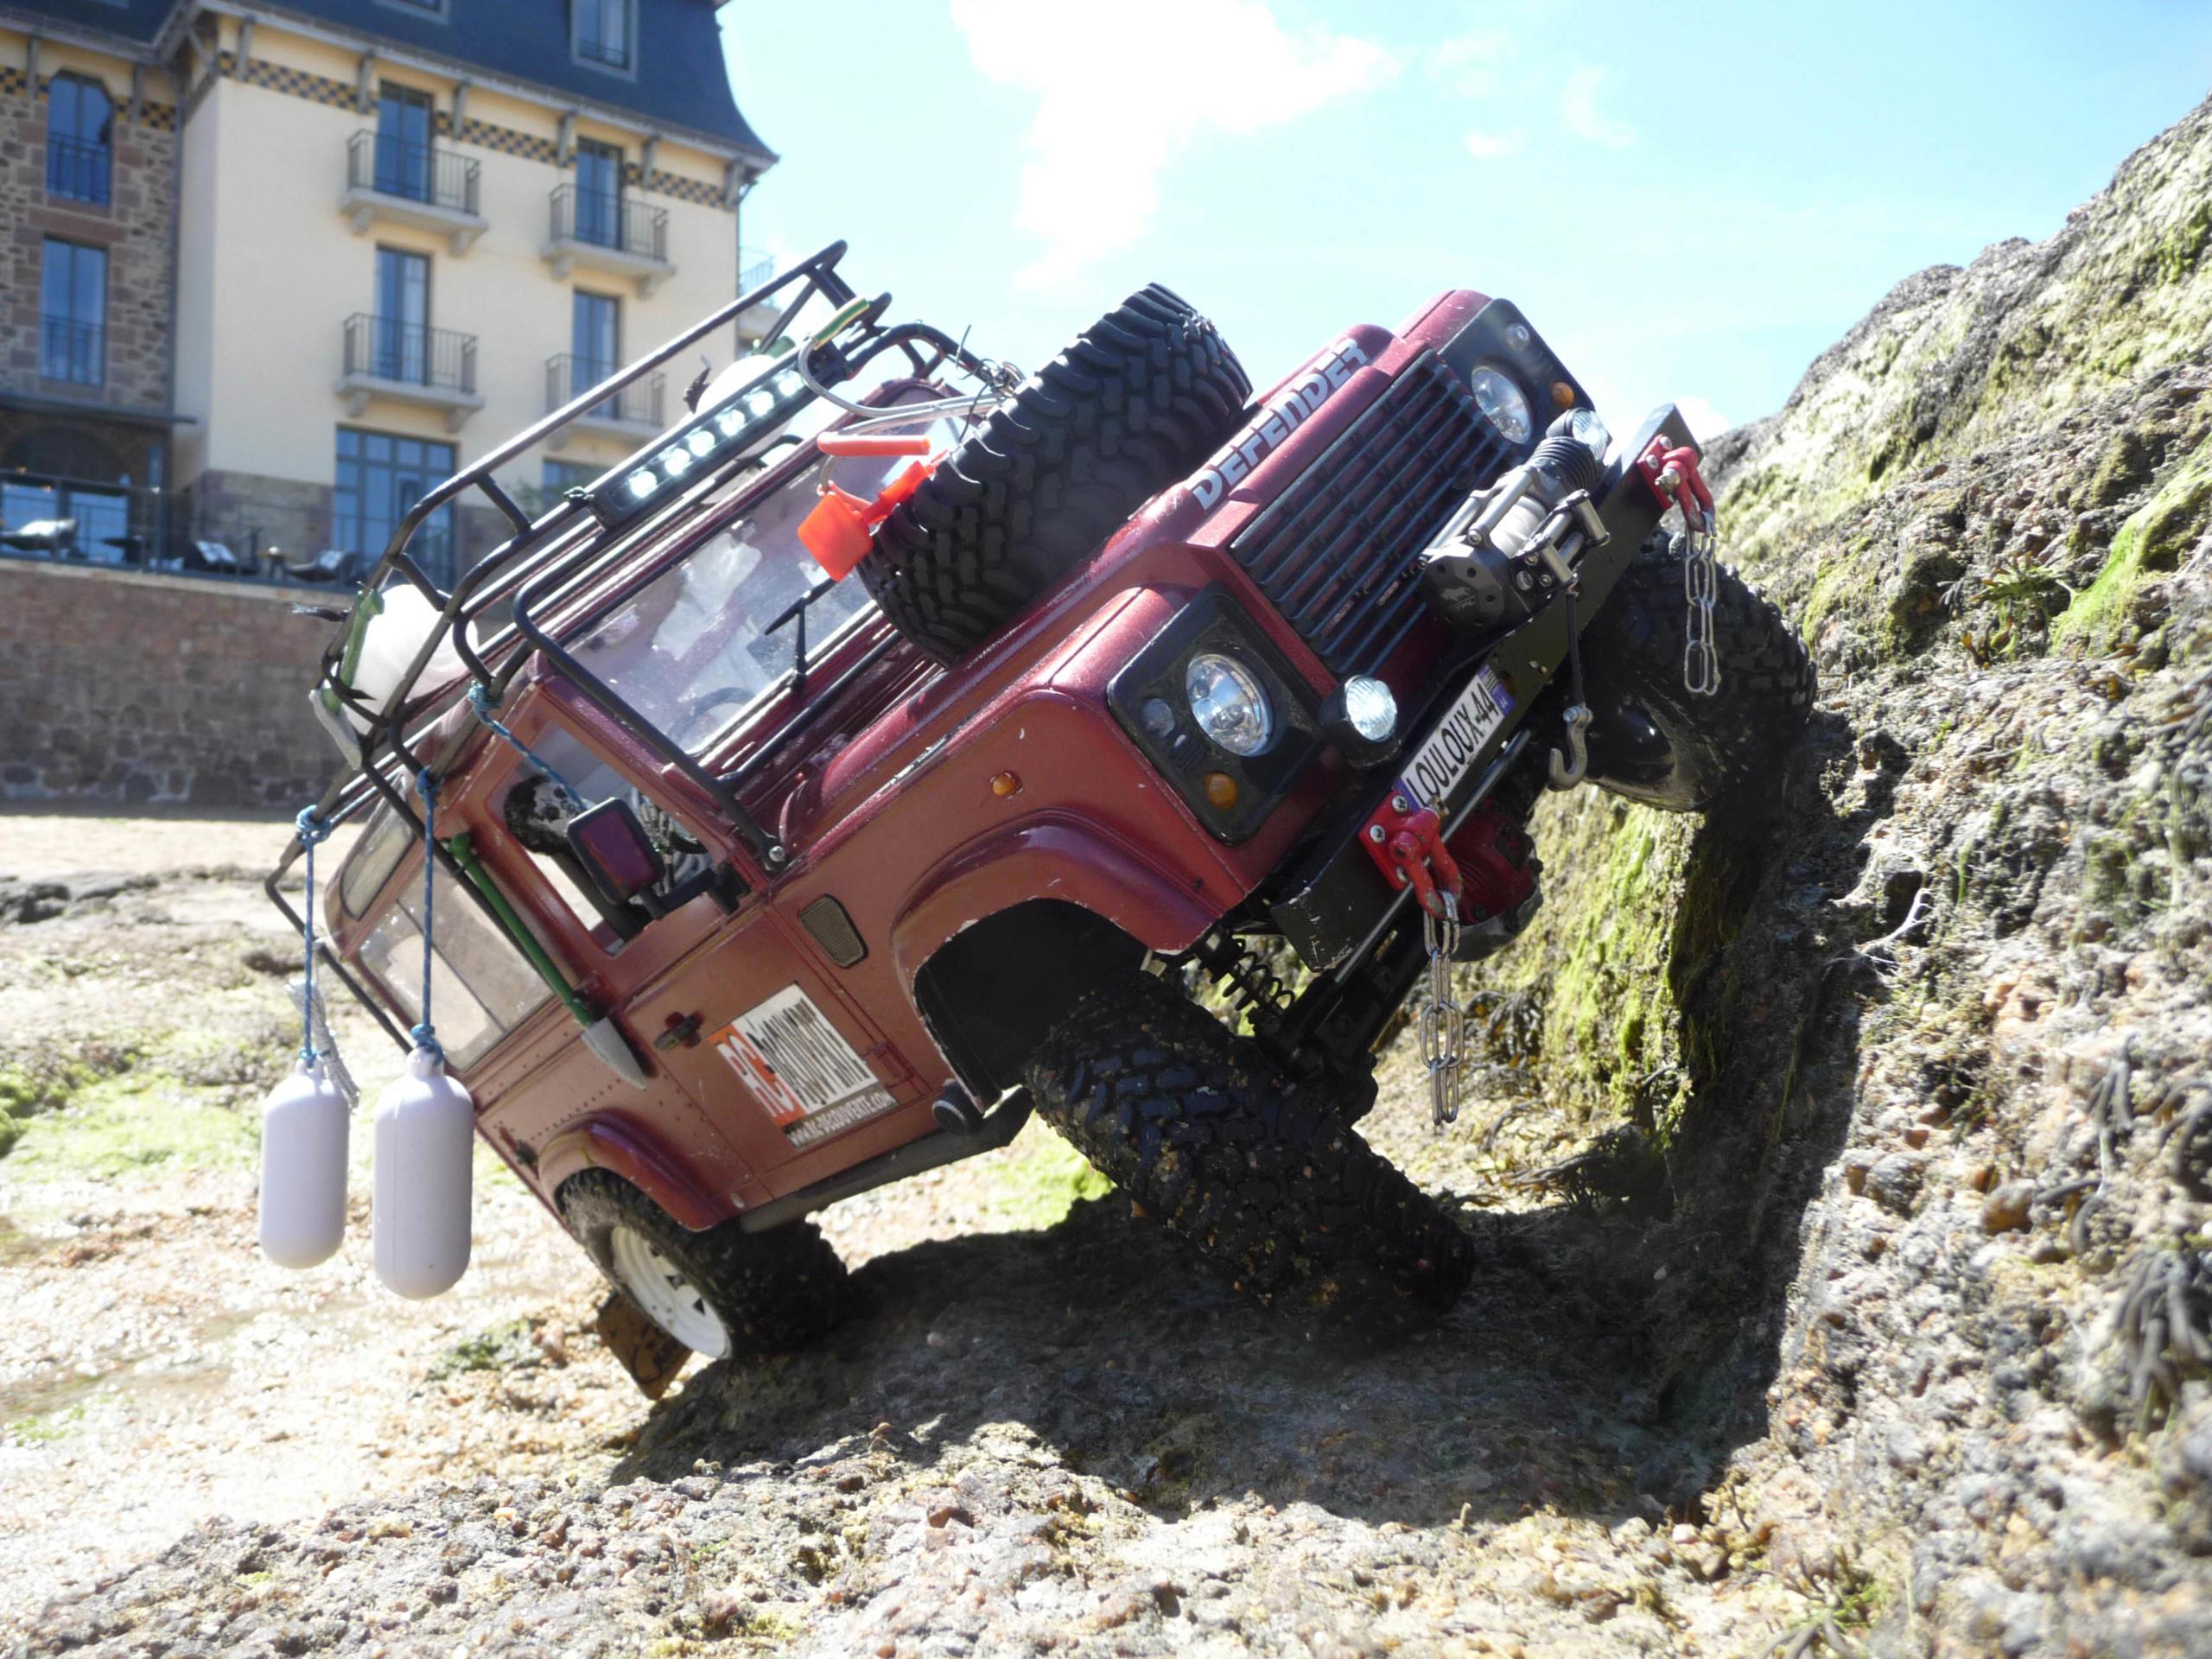 Sorties Rc Scale et Crawler tout terrain 4x4 à Nantes et Région Nantaise 44 Juillet 2020 4x4-pl27